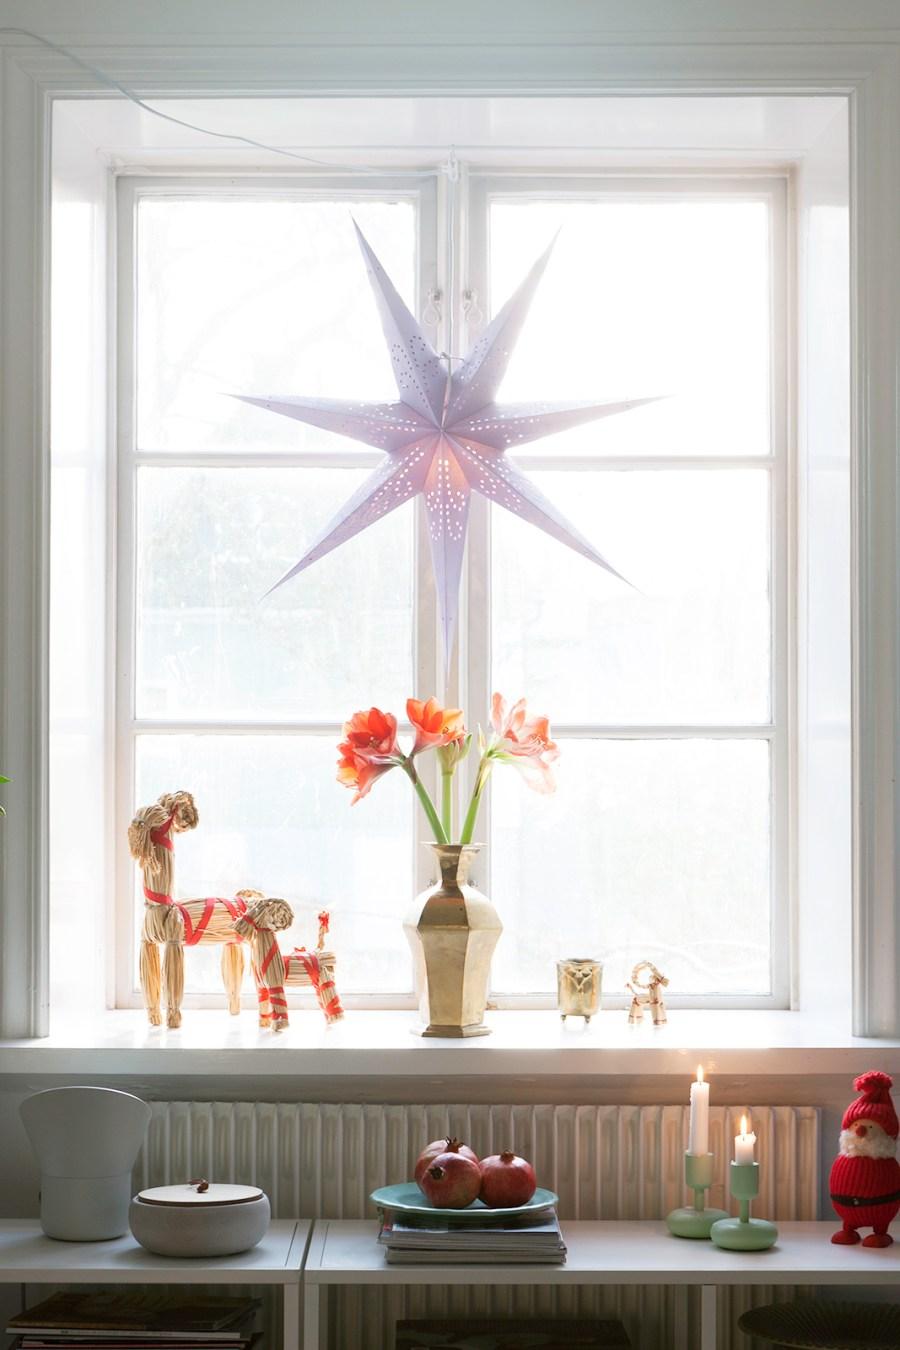 Julfint, jul nordisk skandinavisk traditionell julpynt juldekorationer snygga vackra fina amelies hus von essen julgran julgranen